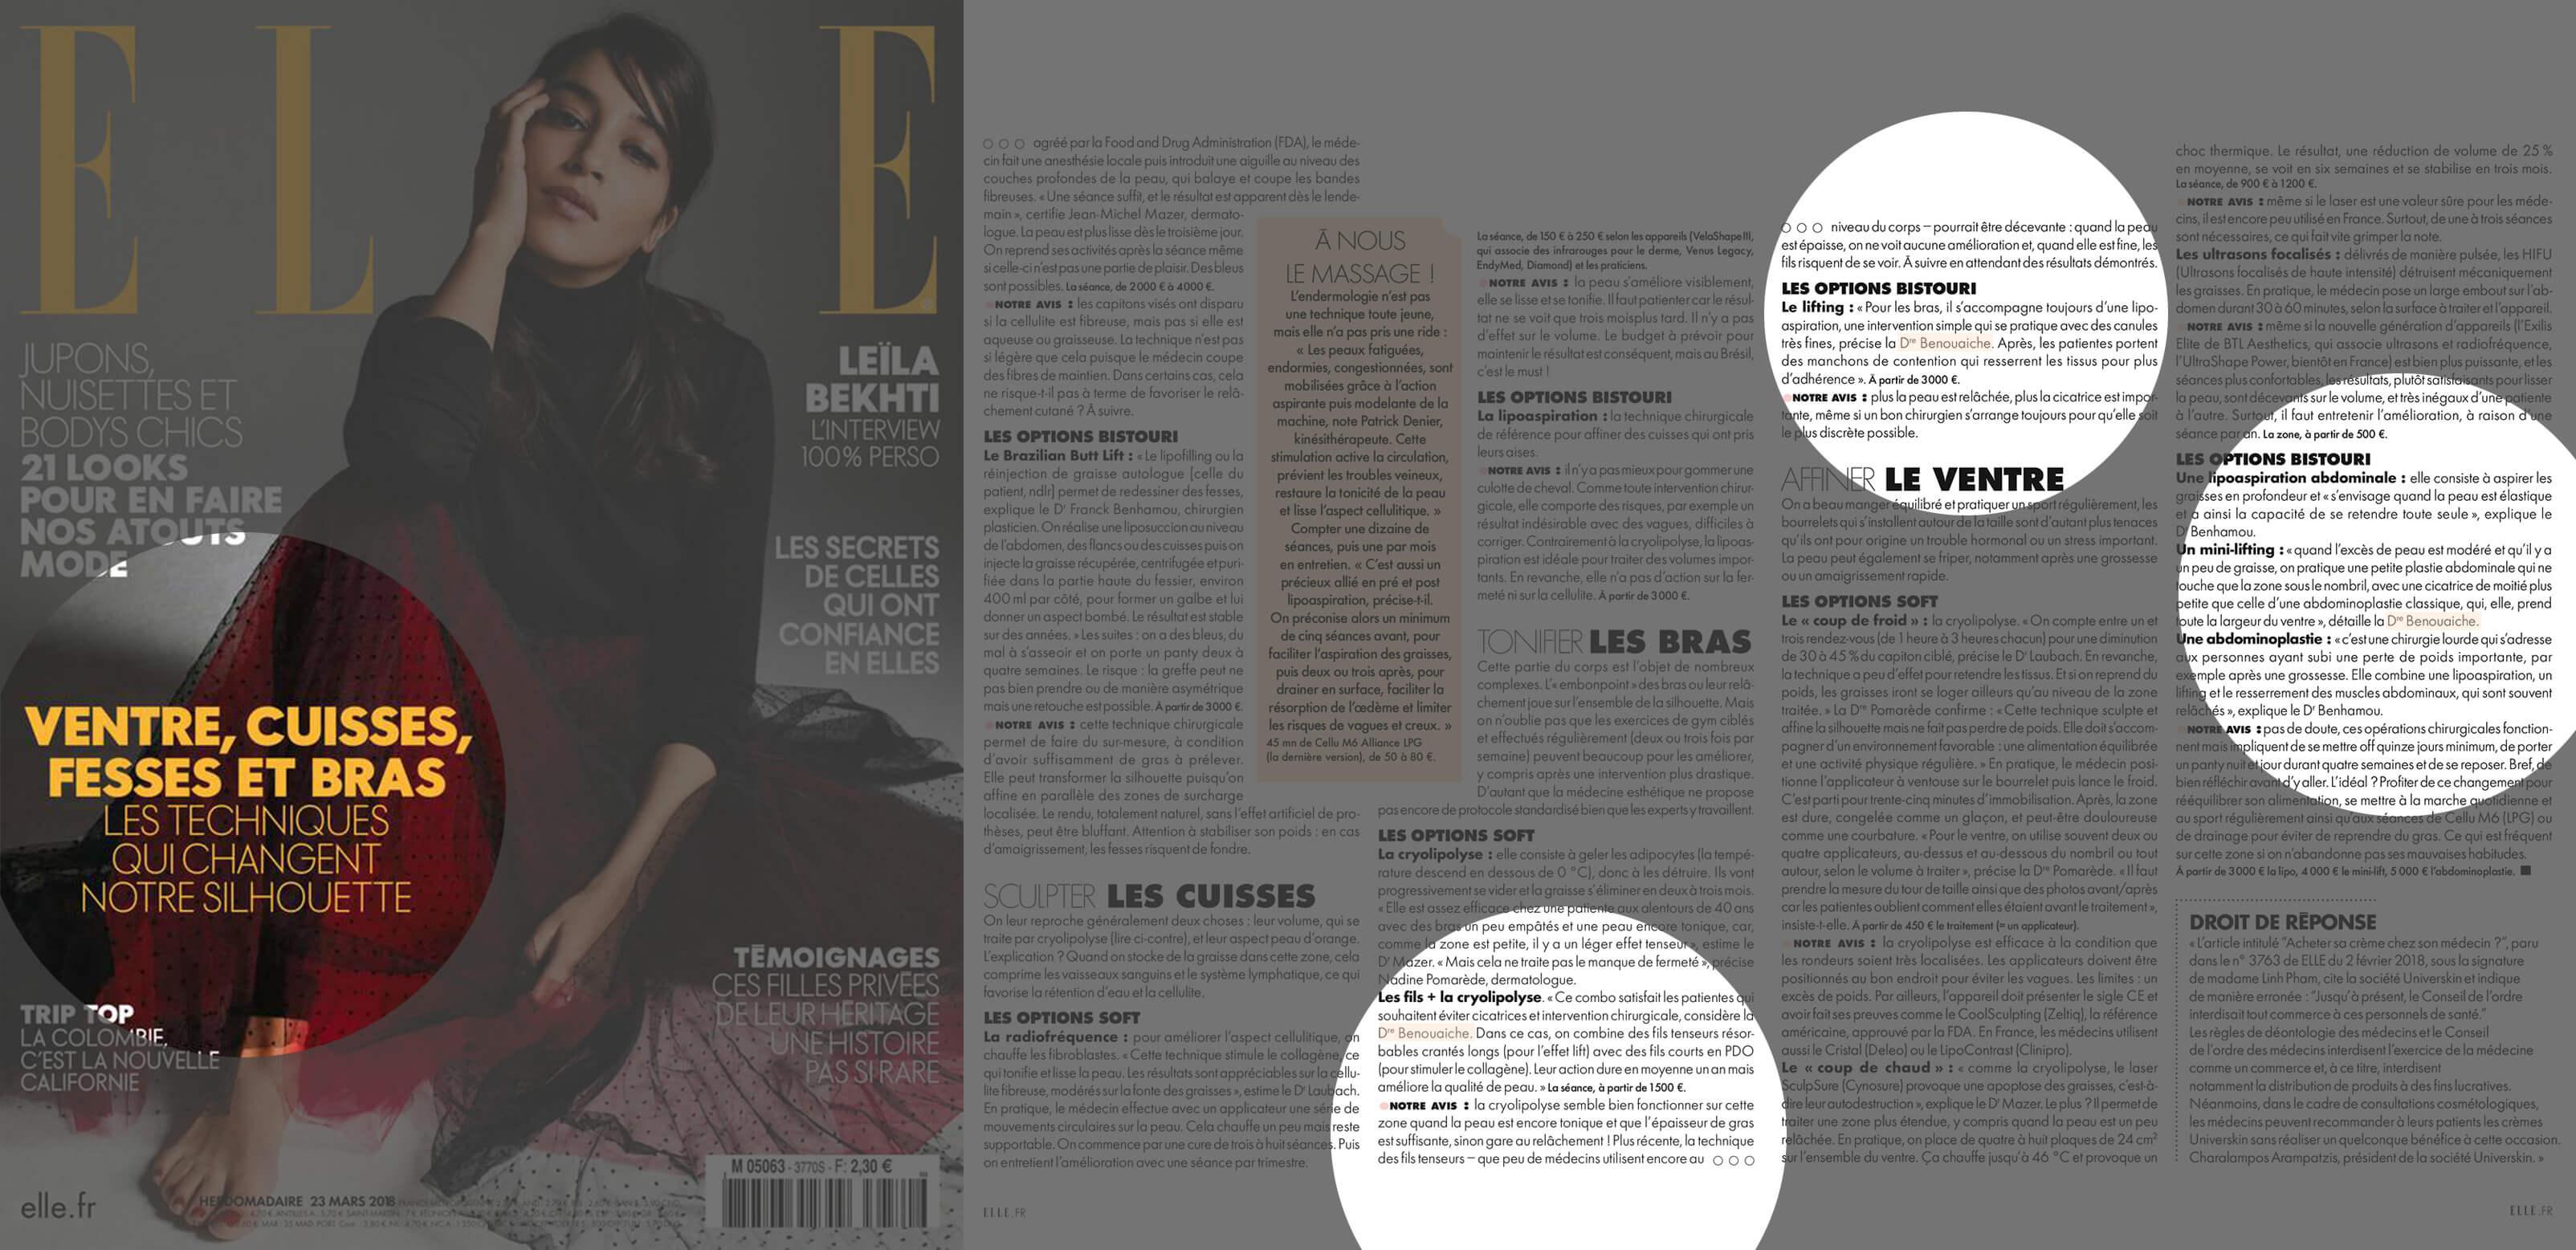 ELLE, Mars 2018 - Interview Dr Benouaiche - Dossier Silhouette